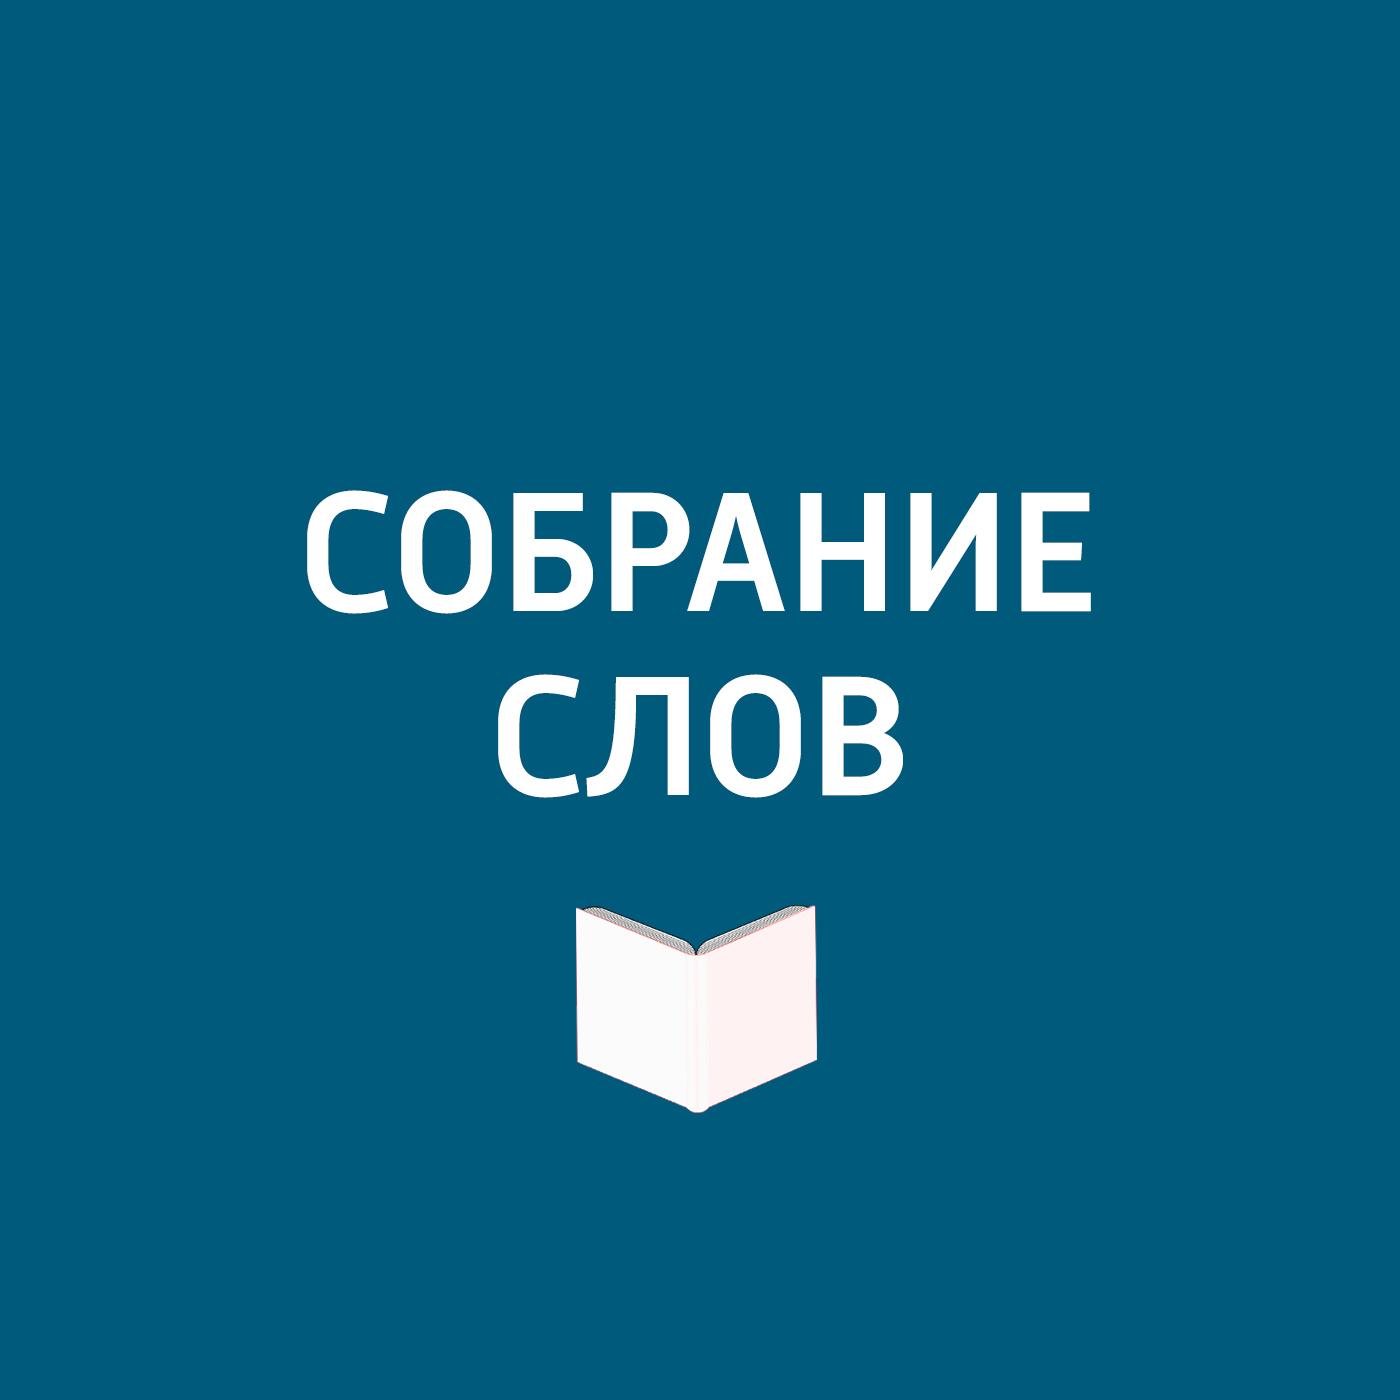 Творческий коллектив программы «Собрание слов» Большое интервью Людмилы Петрушевской людмила петрушевская путешествия в разные стороны